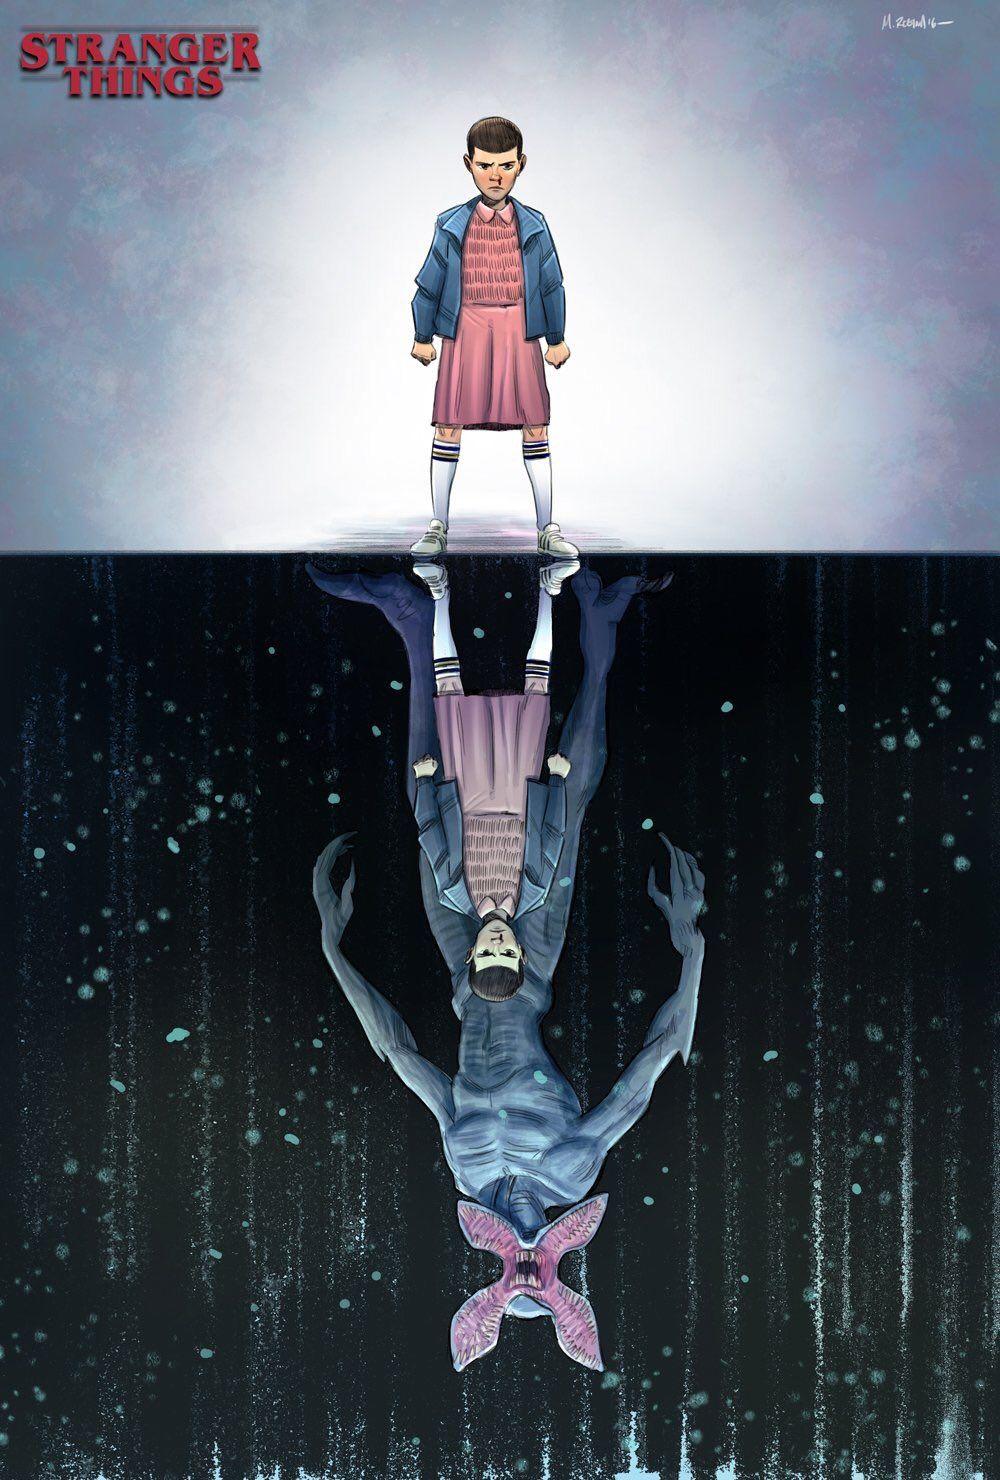 Upside Down Art Stranger Things Fan Art Will Turn You Upside Down Fan Art Fans